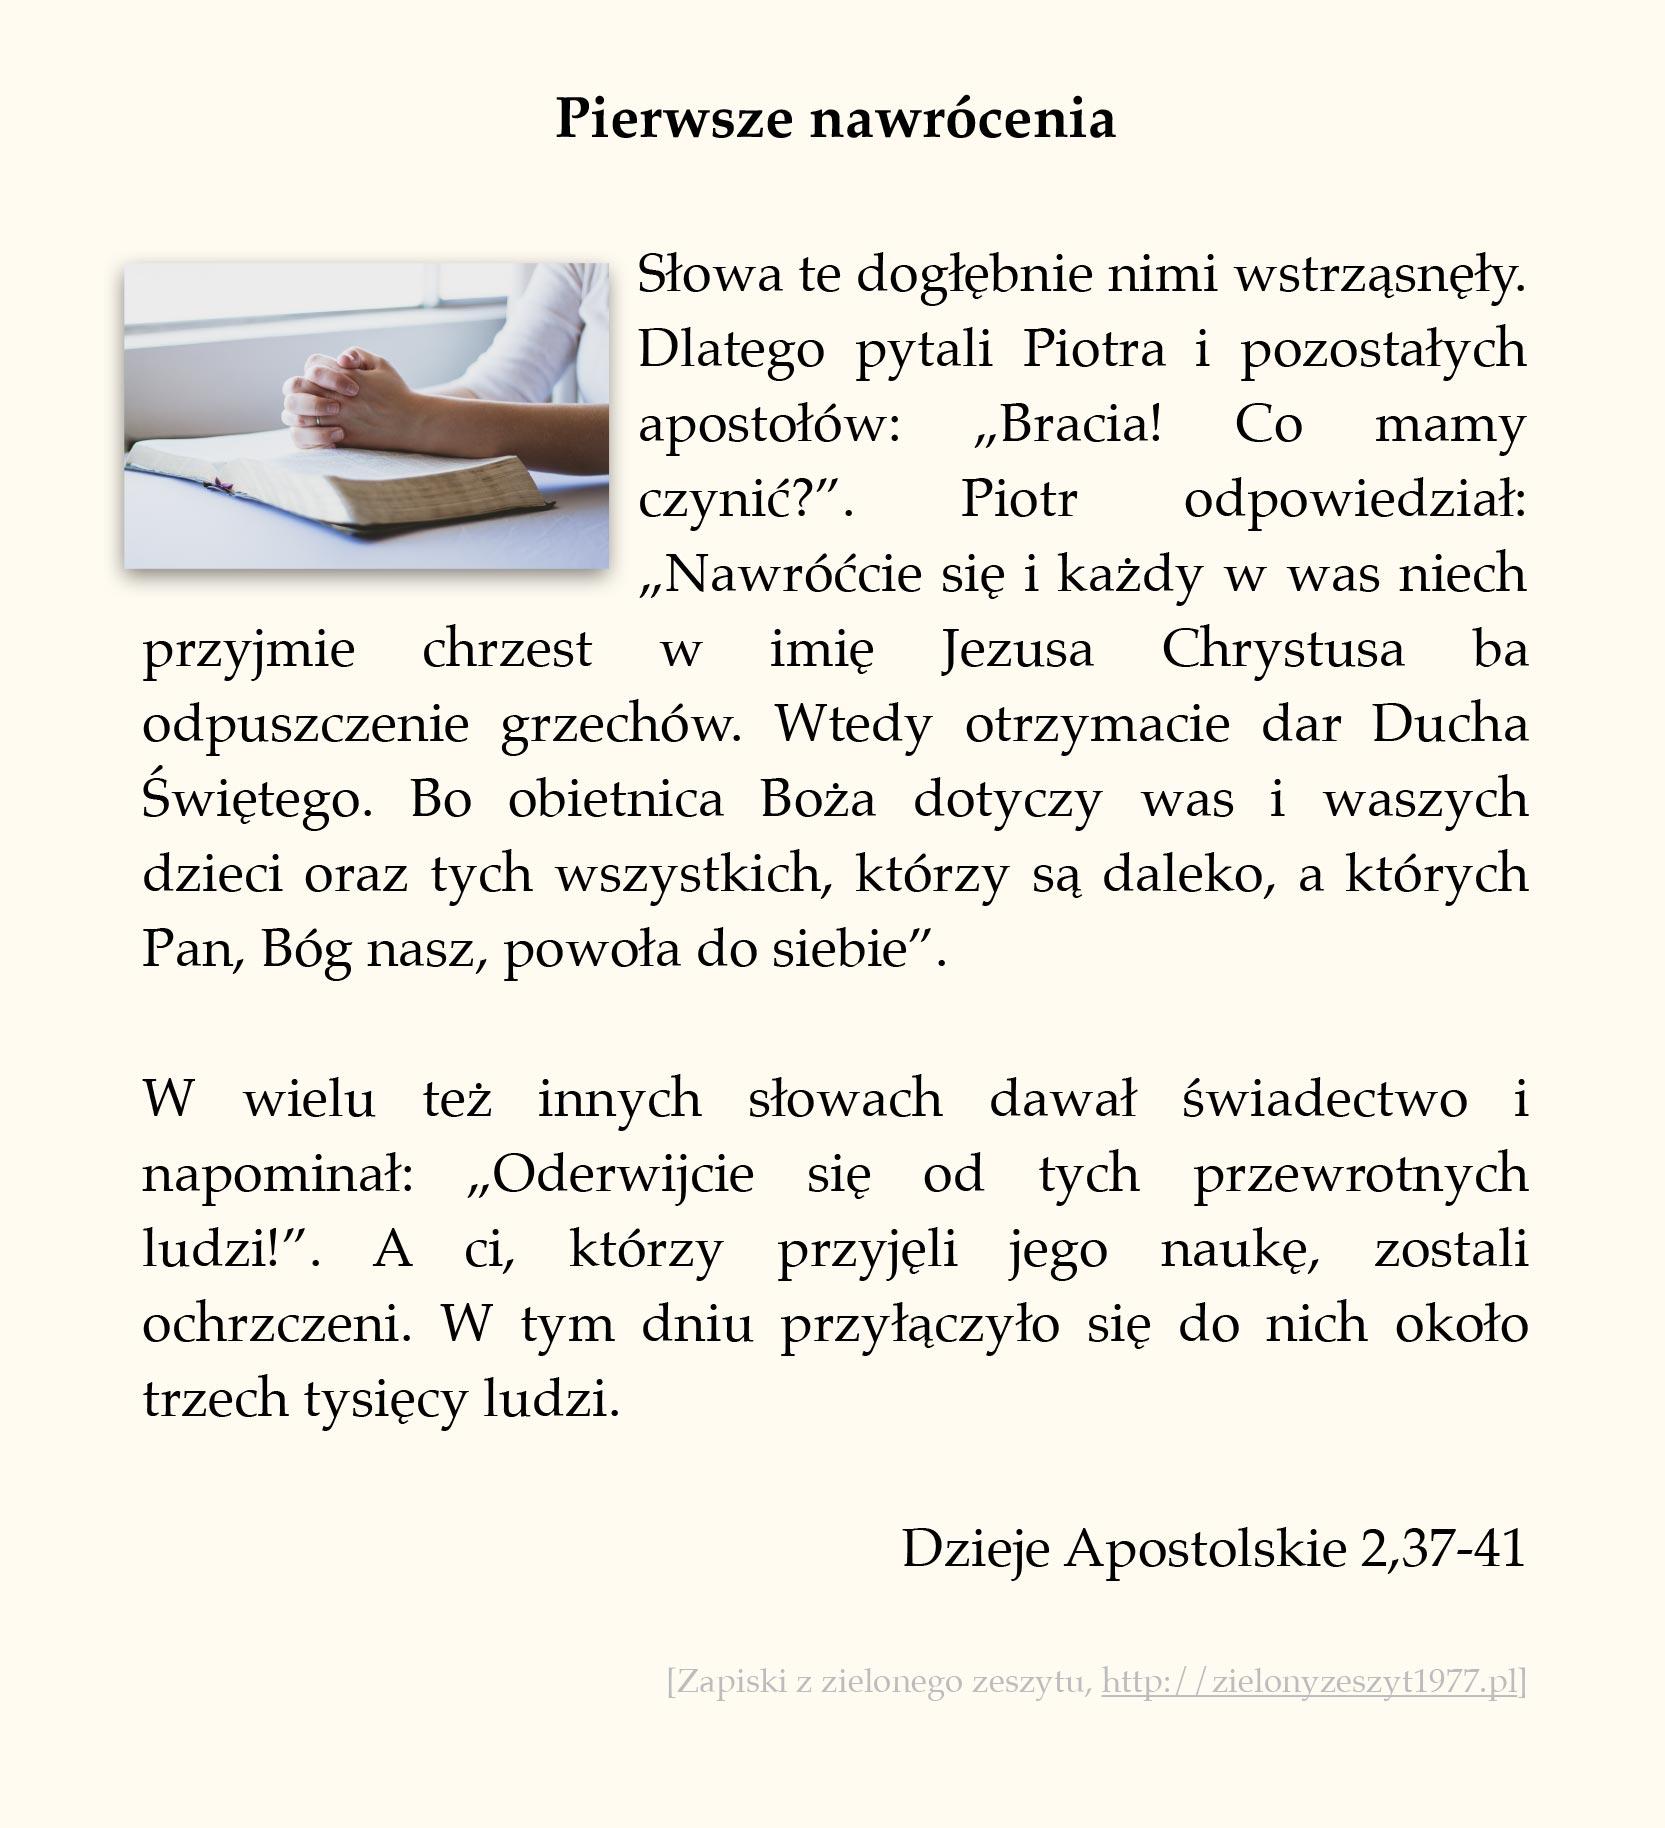 Pierwsze nawrócenia, Dzieje Apostolskie (#10)